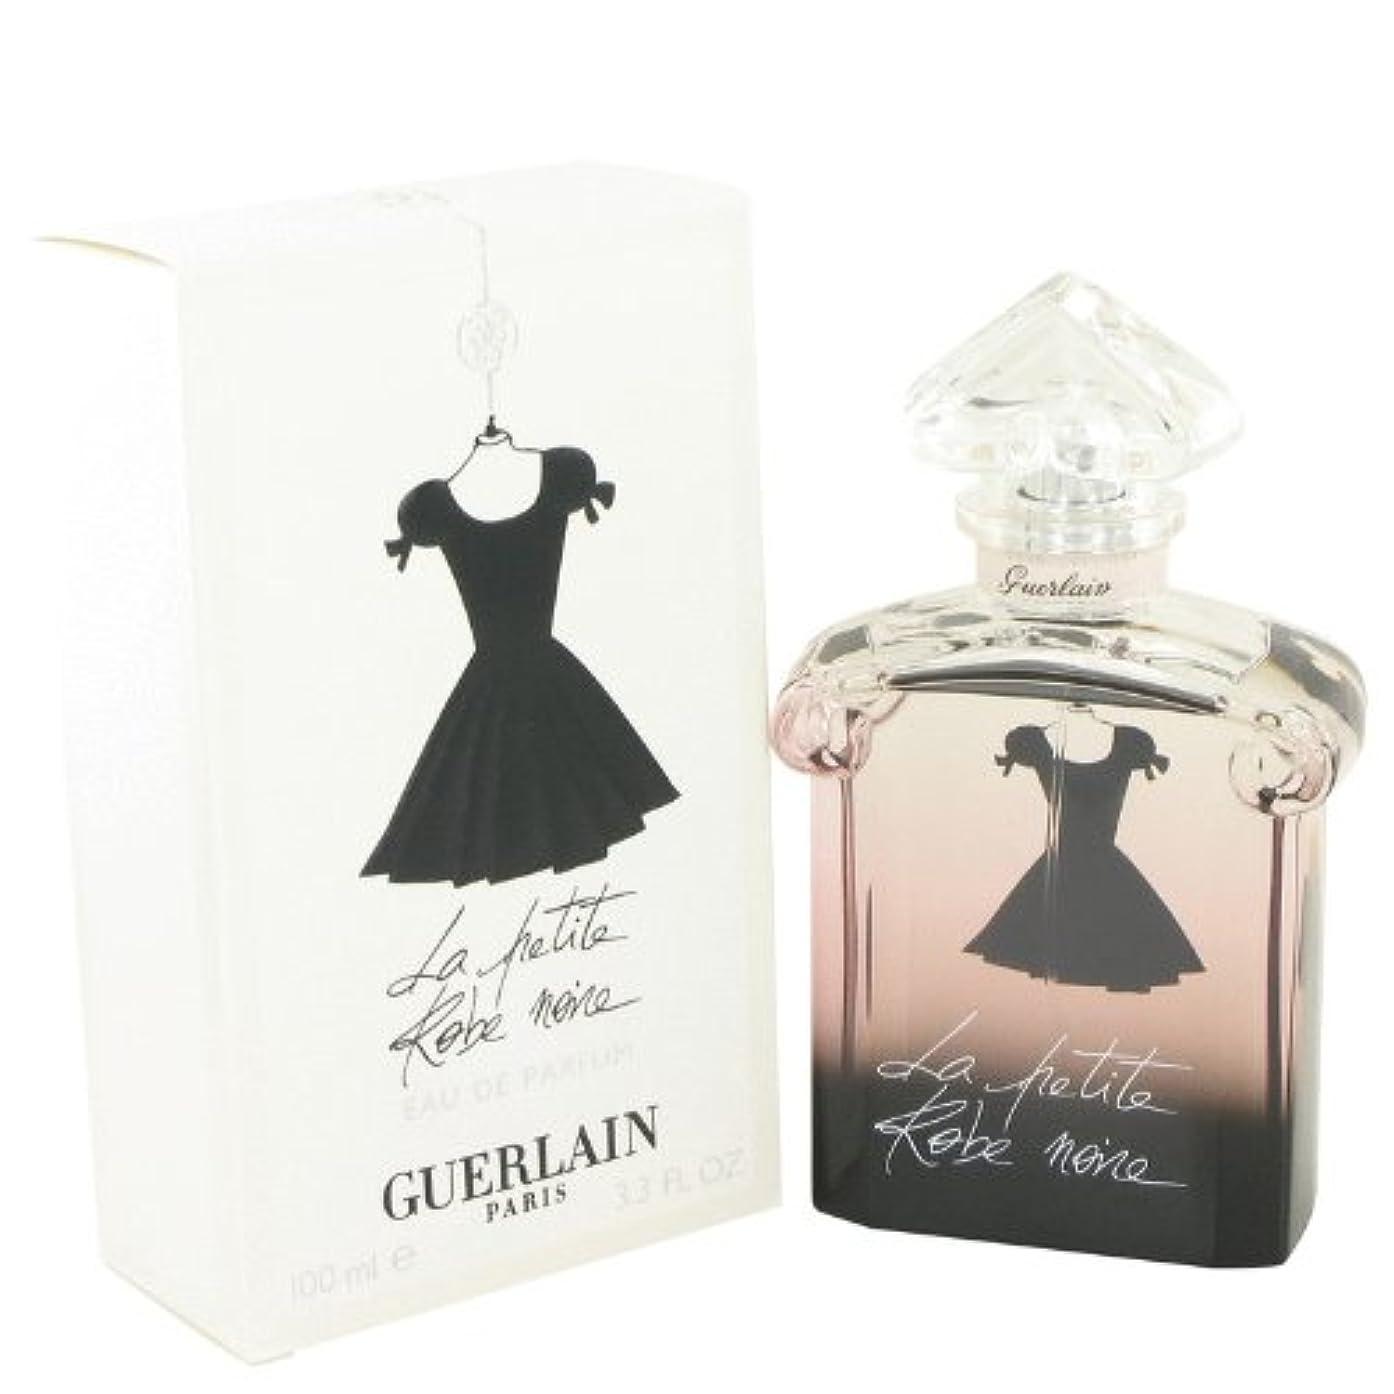 永久委任最終La Petite Robe Noire (ラ プティ ローブ ノアー) 6.7 oz (200ml) Body Milk by Guerlain for Women